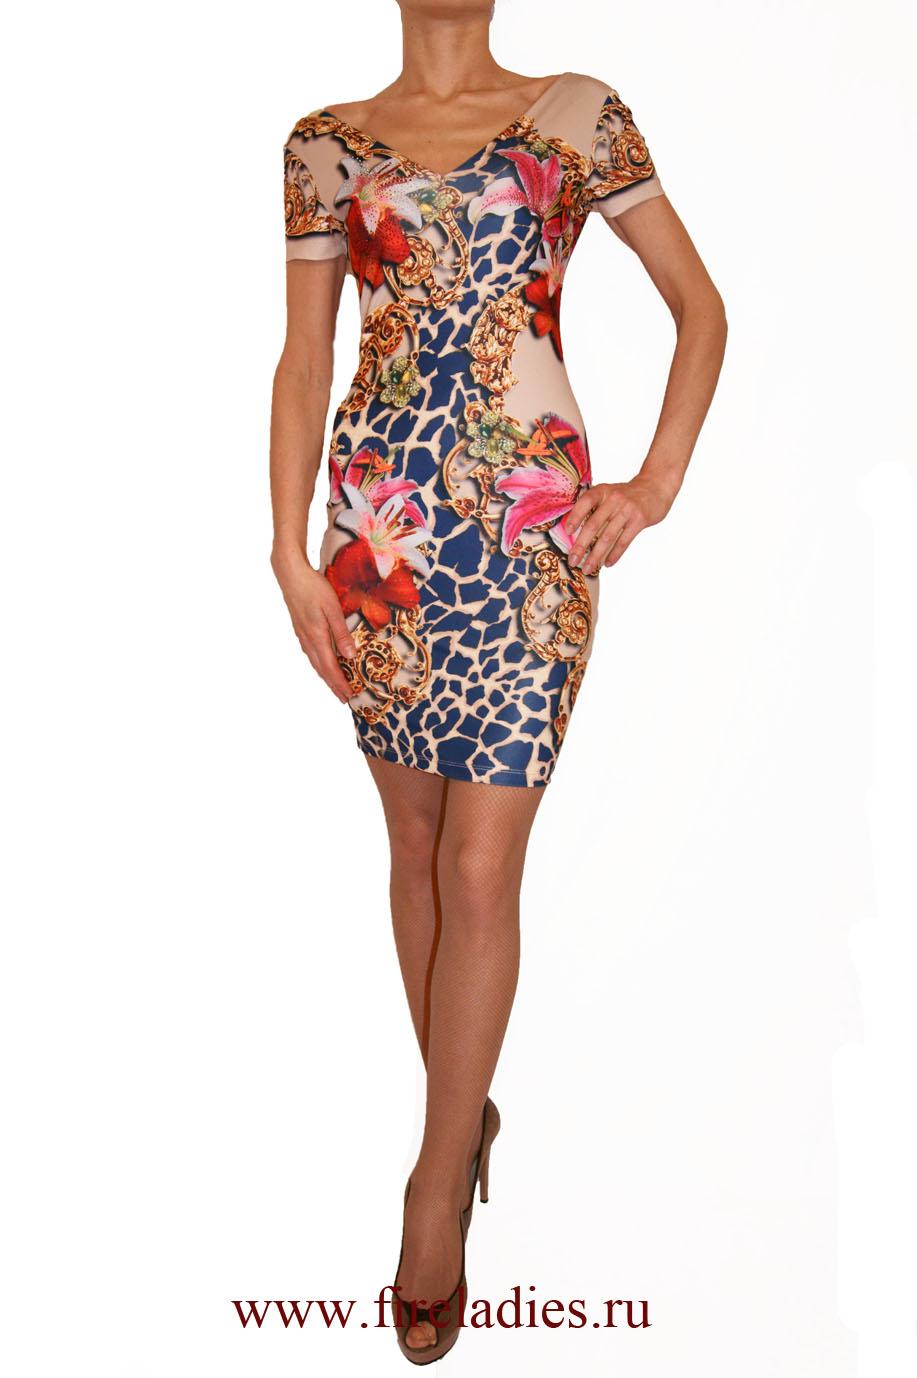 Купить платья sogo